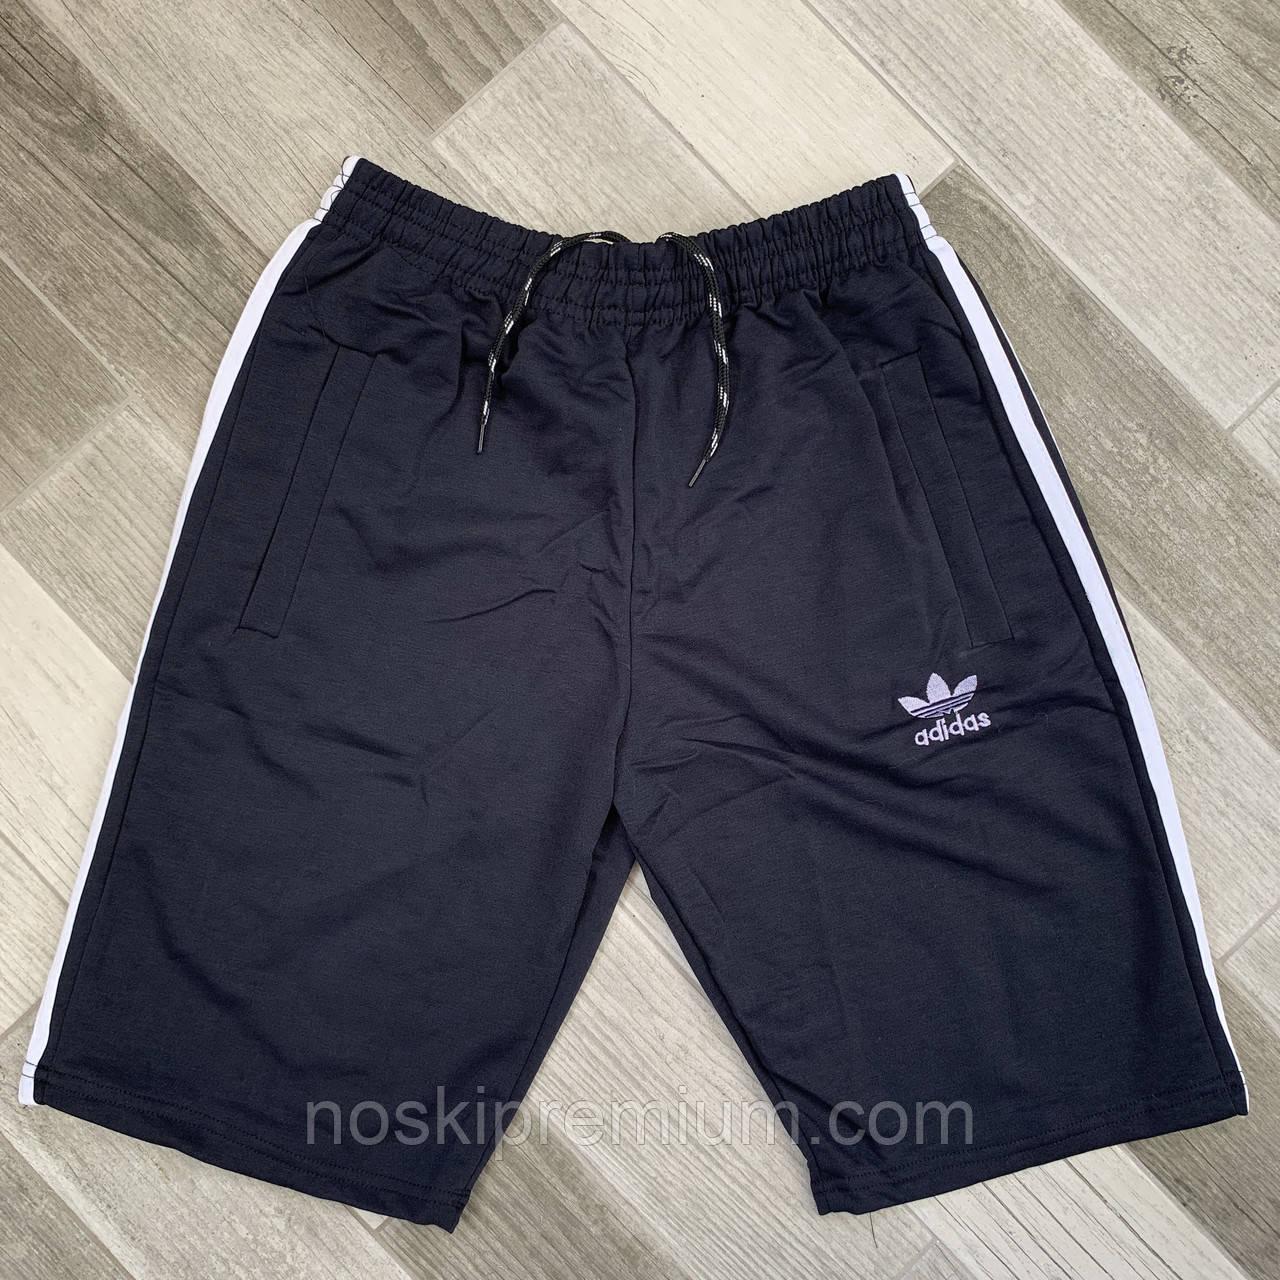 Шорты мужские хлопок Adidas, размеры 46-54, чёрные, 05617